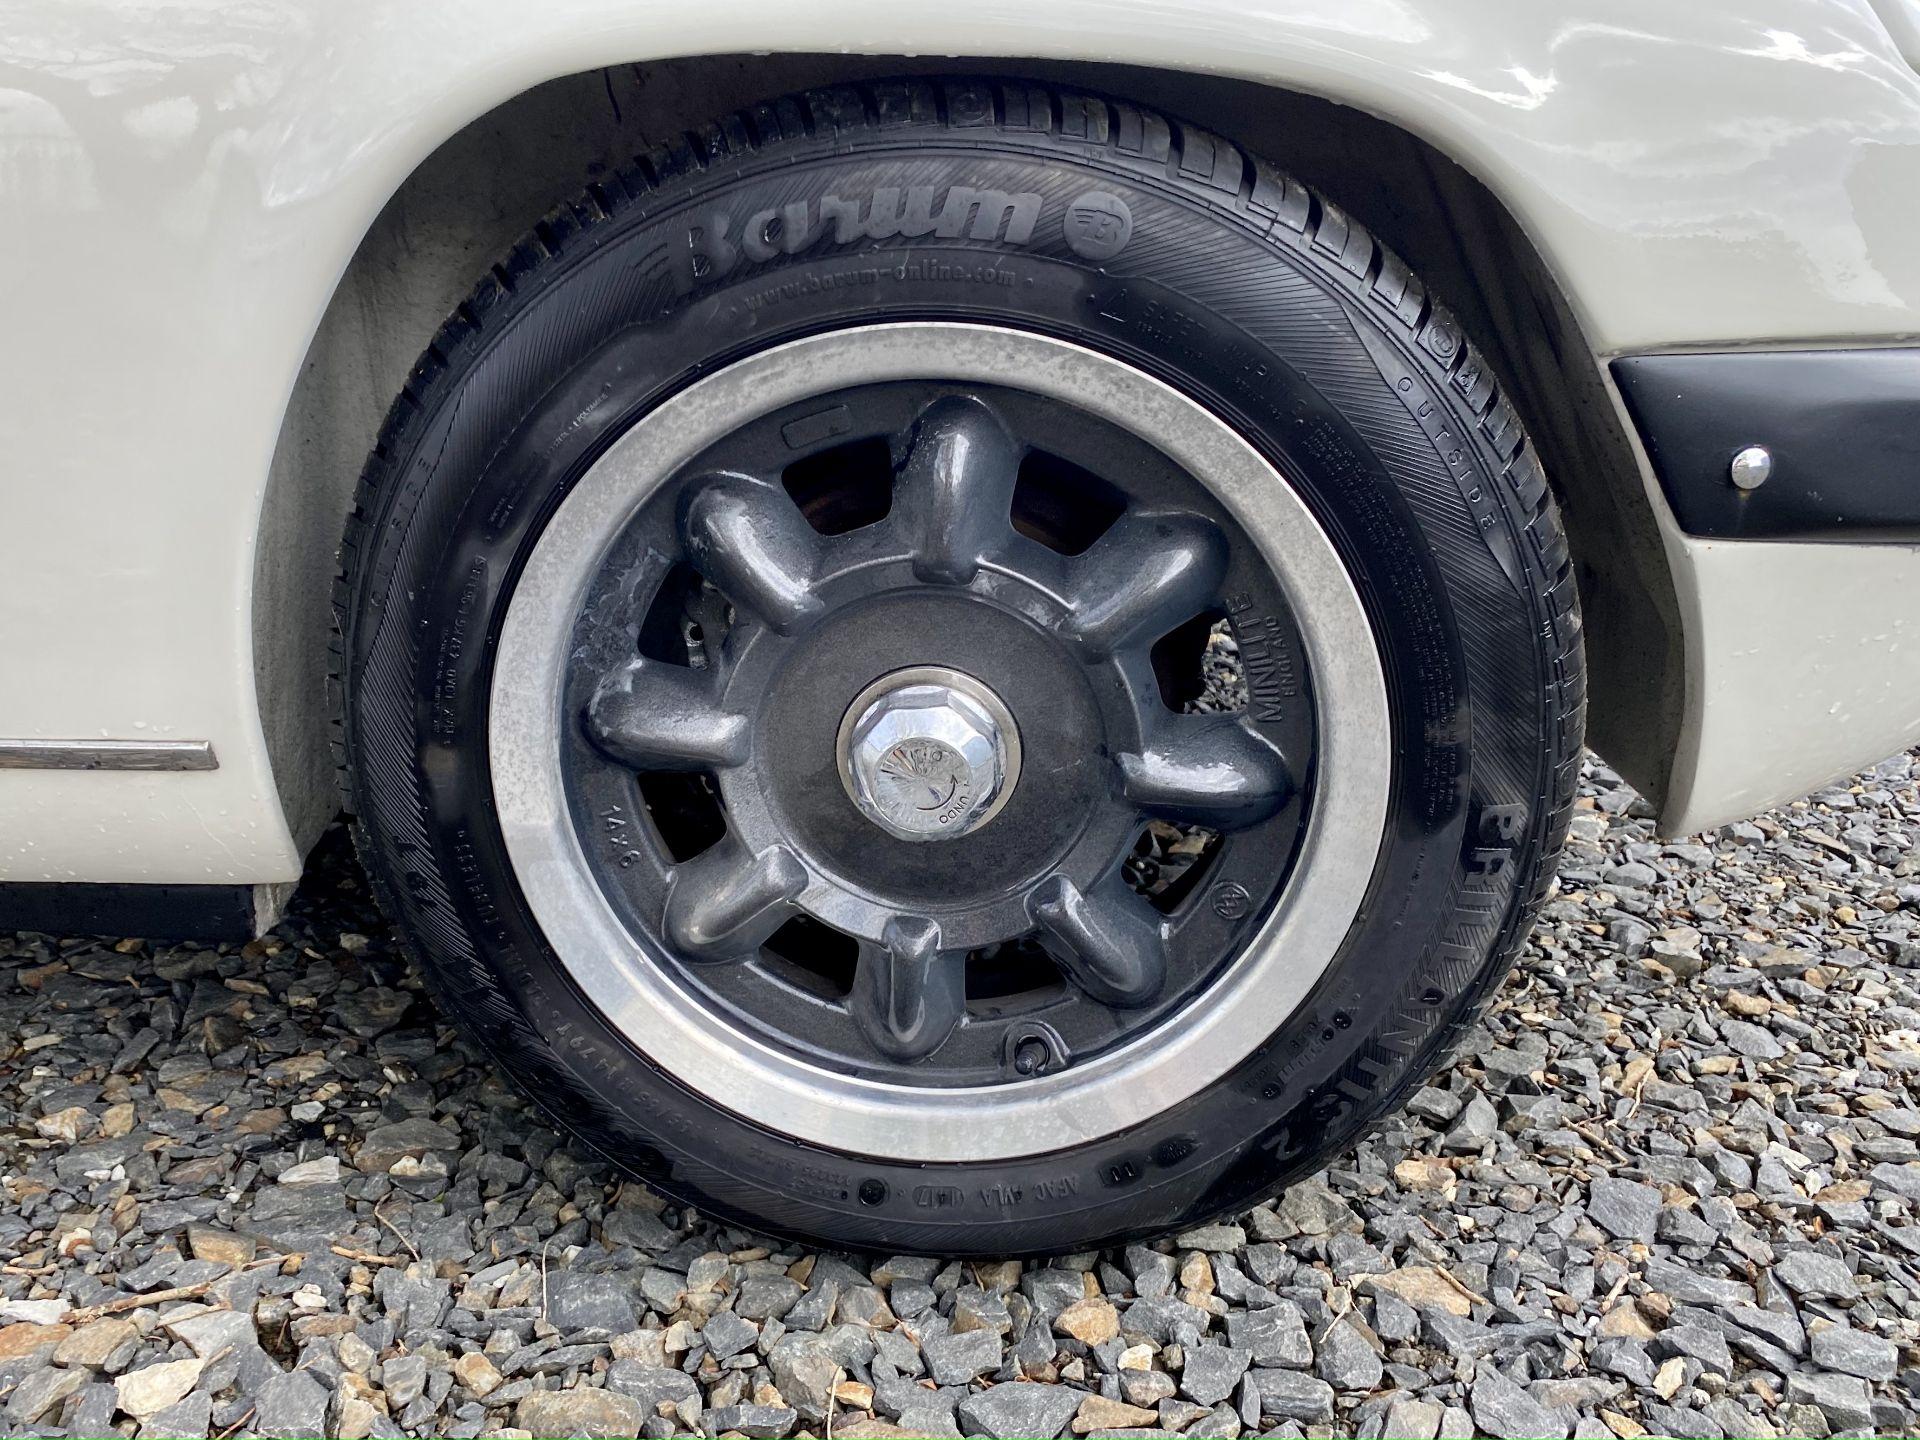 Lotus Elan S4 SE - Image 39 of 57